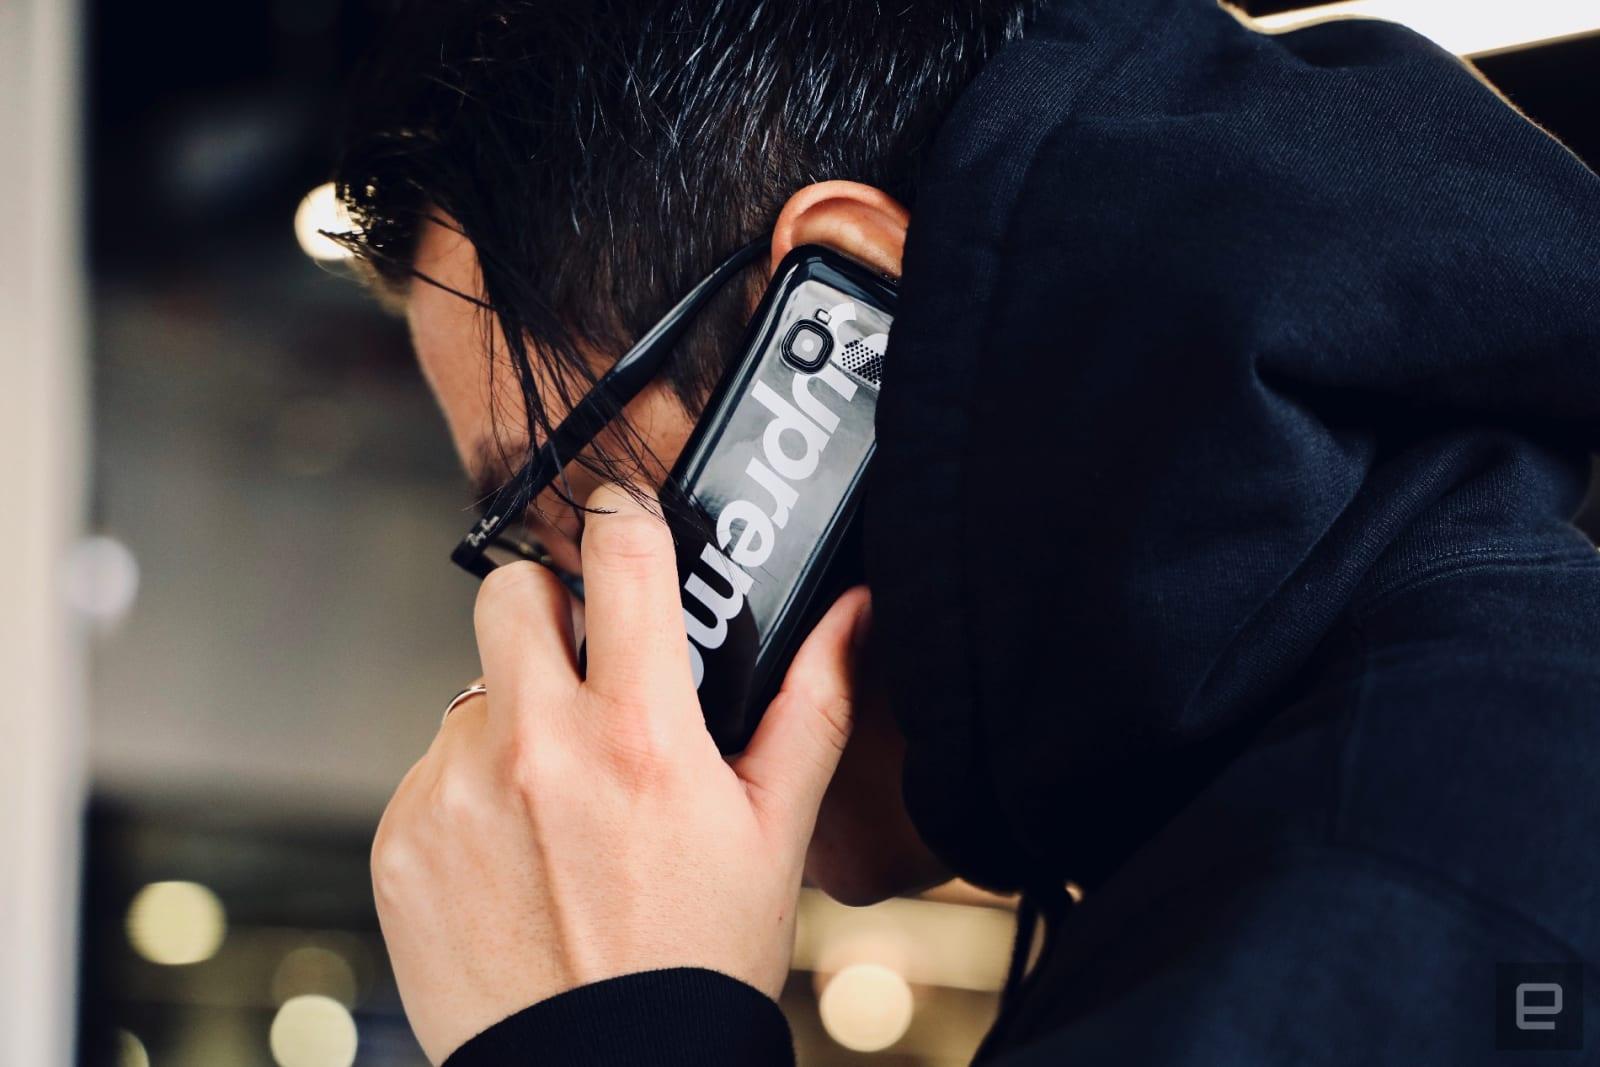 Supreme's burner phone is a hypebeast's dream